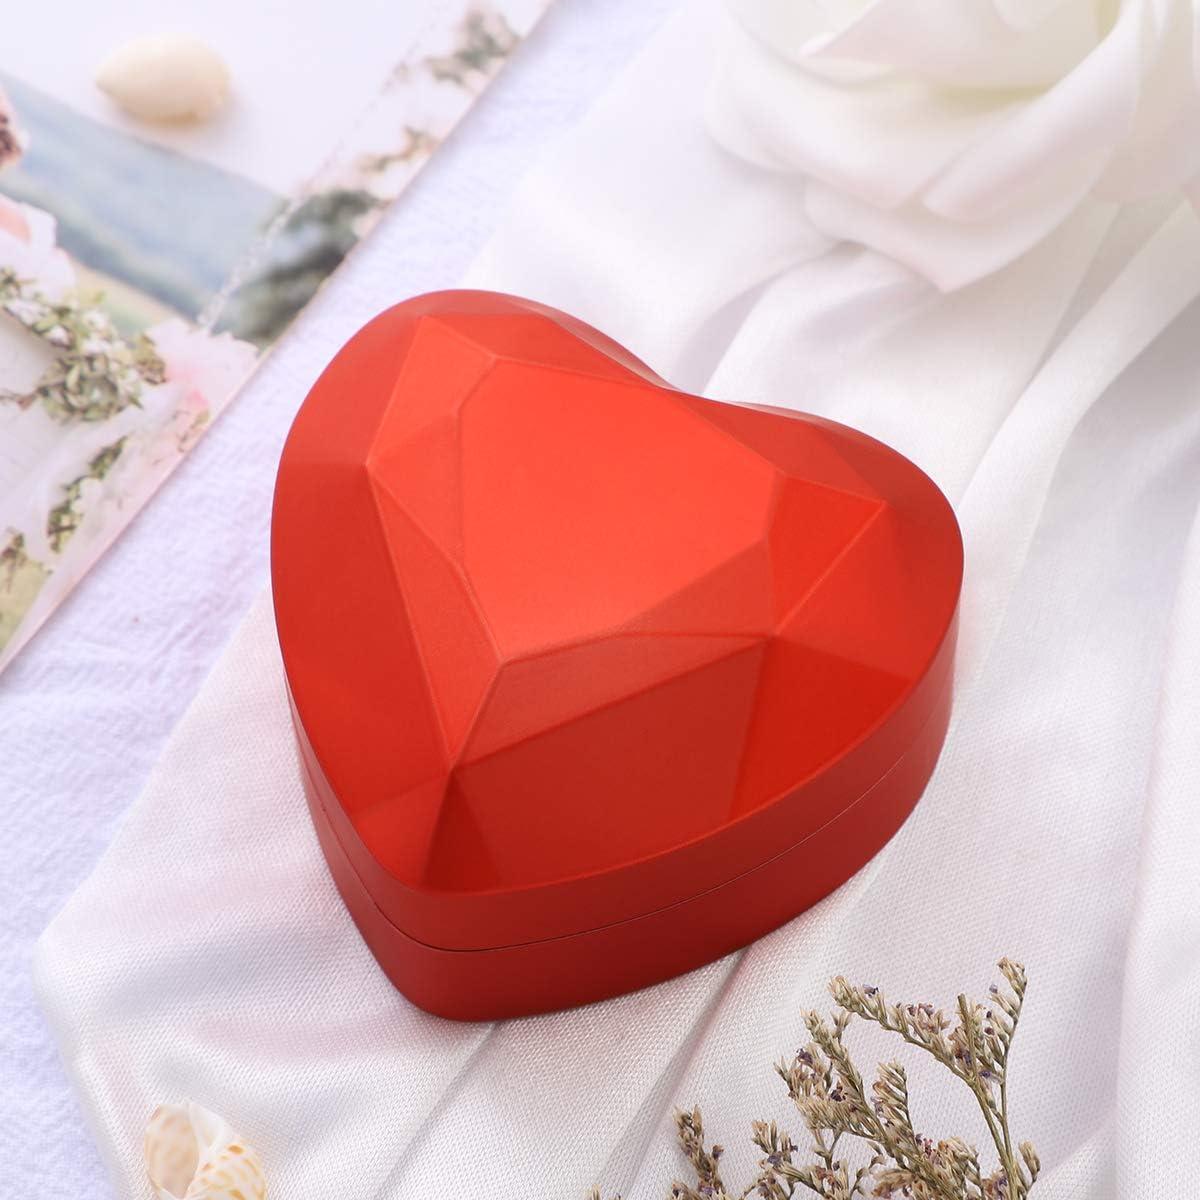 Rouge Garneck Led Allum/é en Forme de Coeur Bo/îte de Bague de Stockage Anniversaire de Mariage Saint Valentin